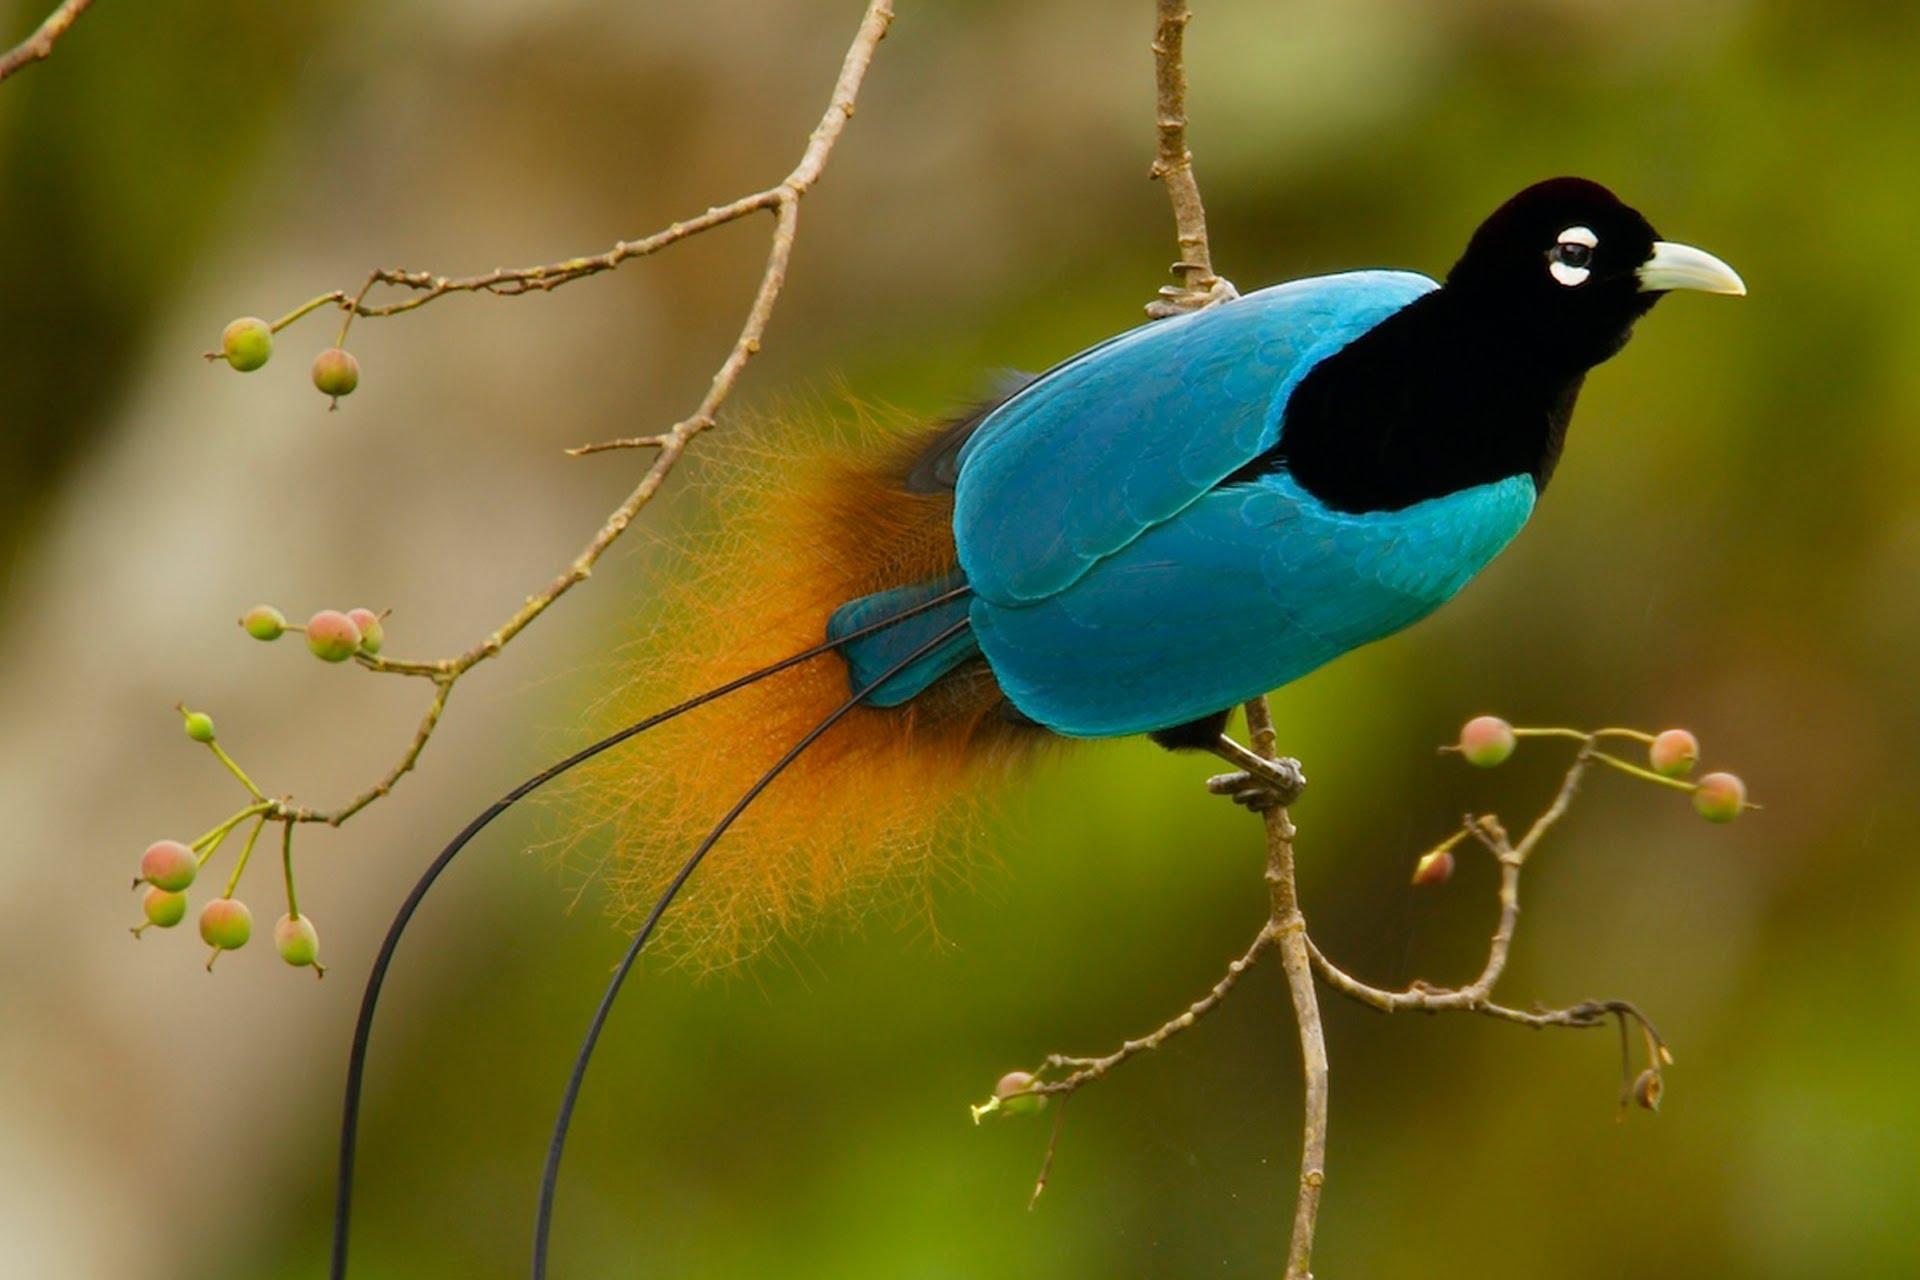 بالصور اجمل الطيور في العالم , اغرب الطيور الموجوده فالعالم 3614 5